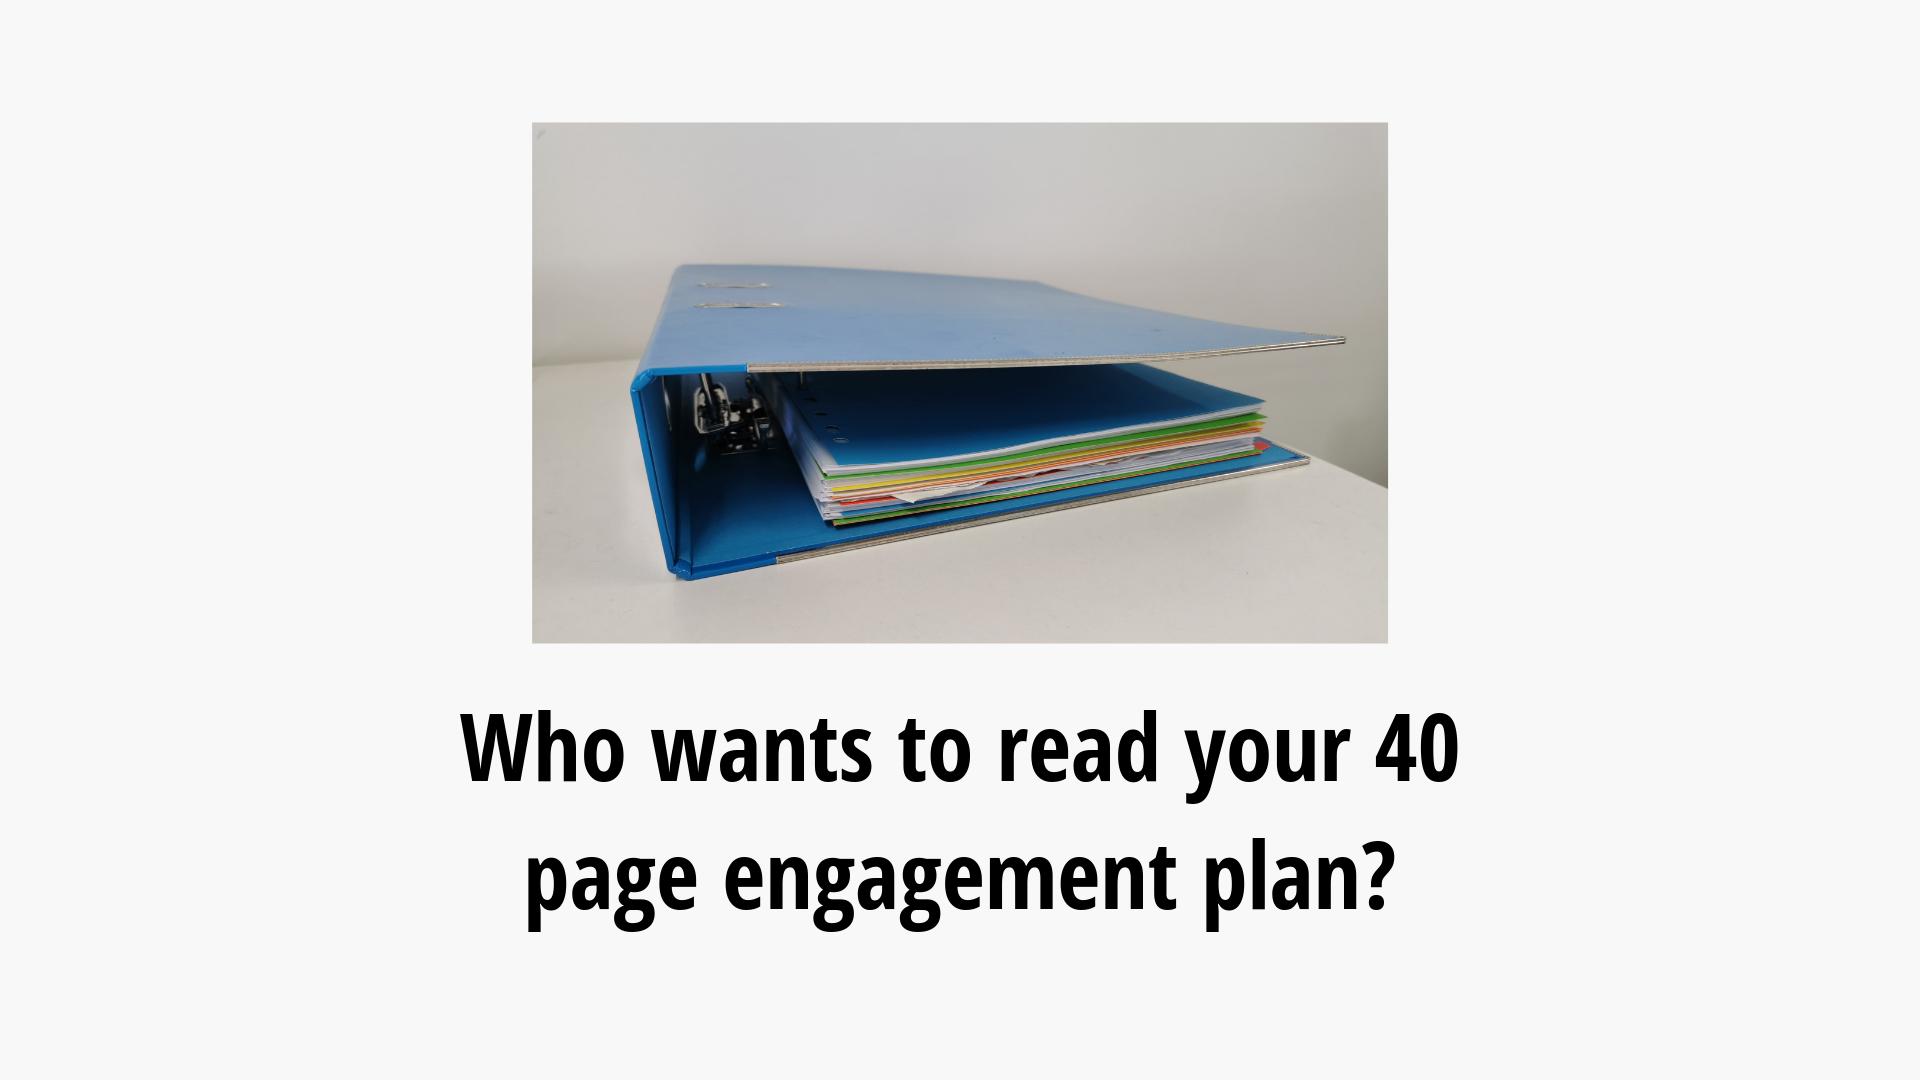 Detailed engagement plan